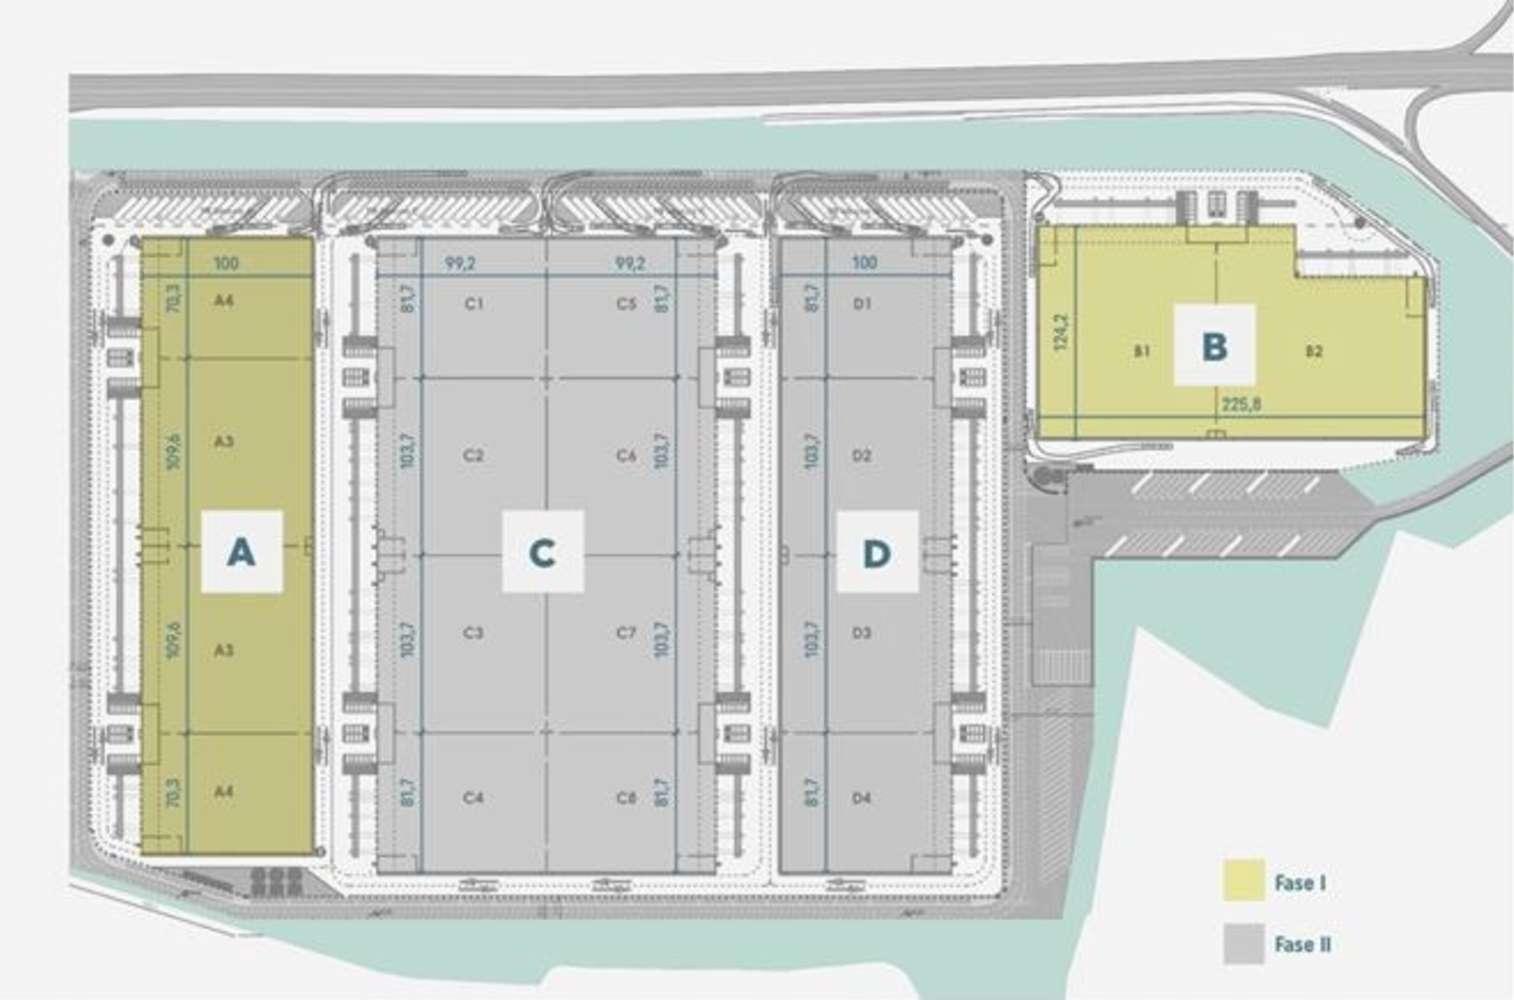 Magazzini industriali e logistici Campagnon, 37050 - Polo Logistico Verona Oppeano - 10009281